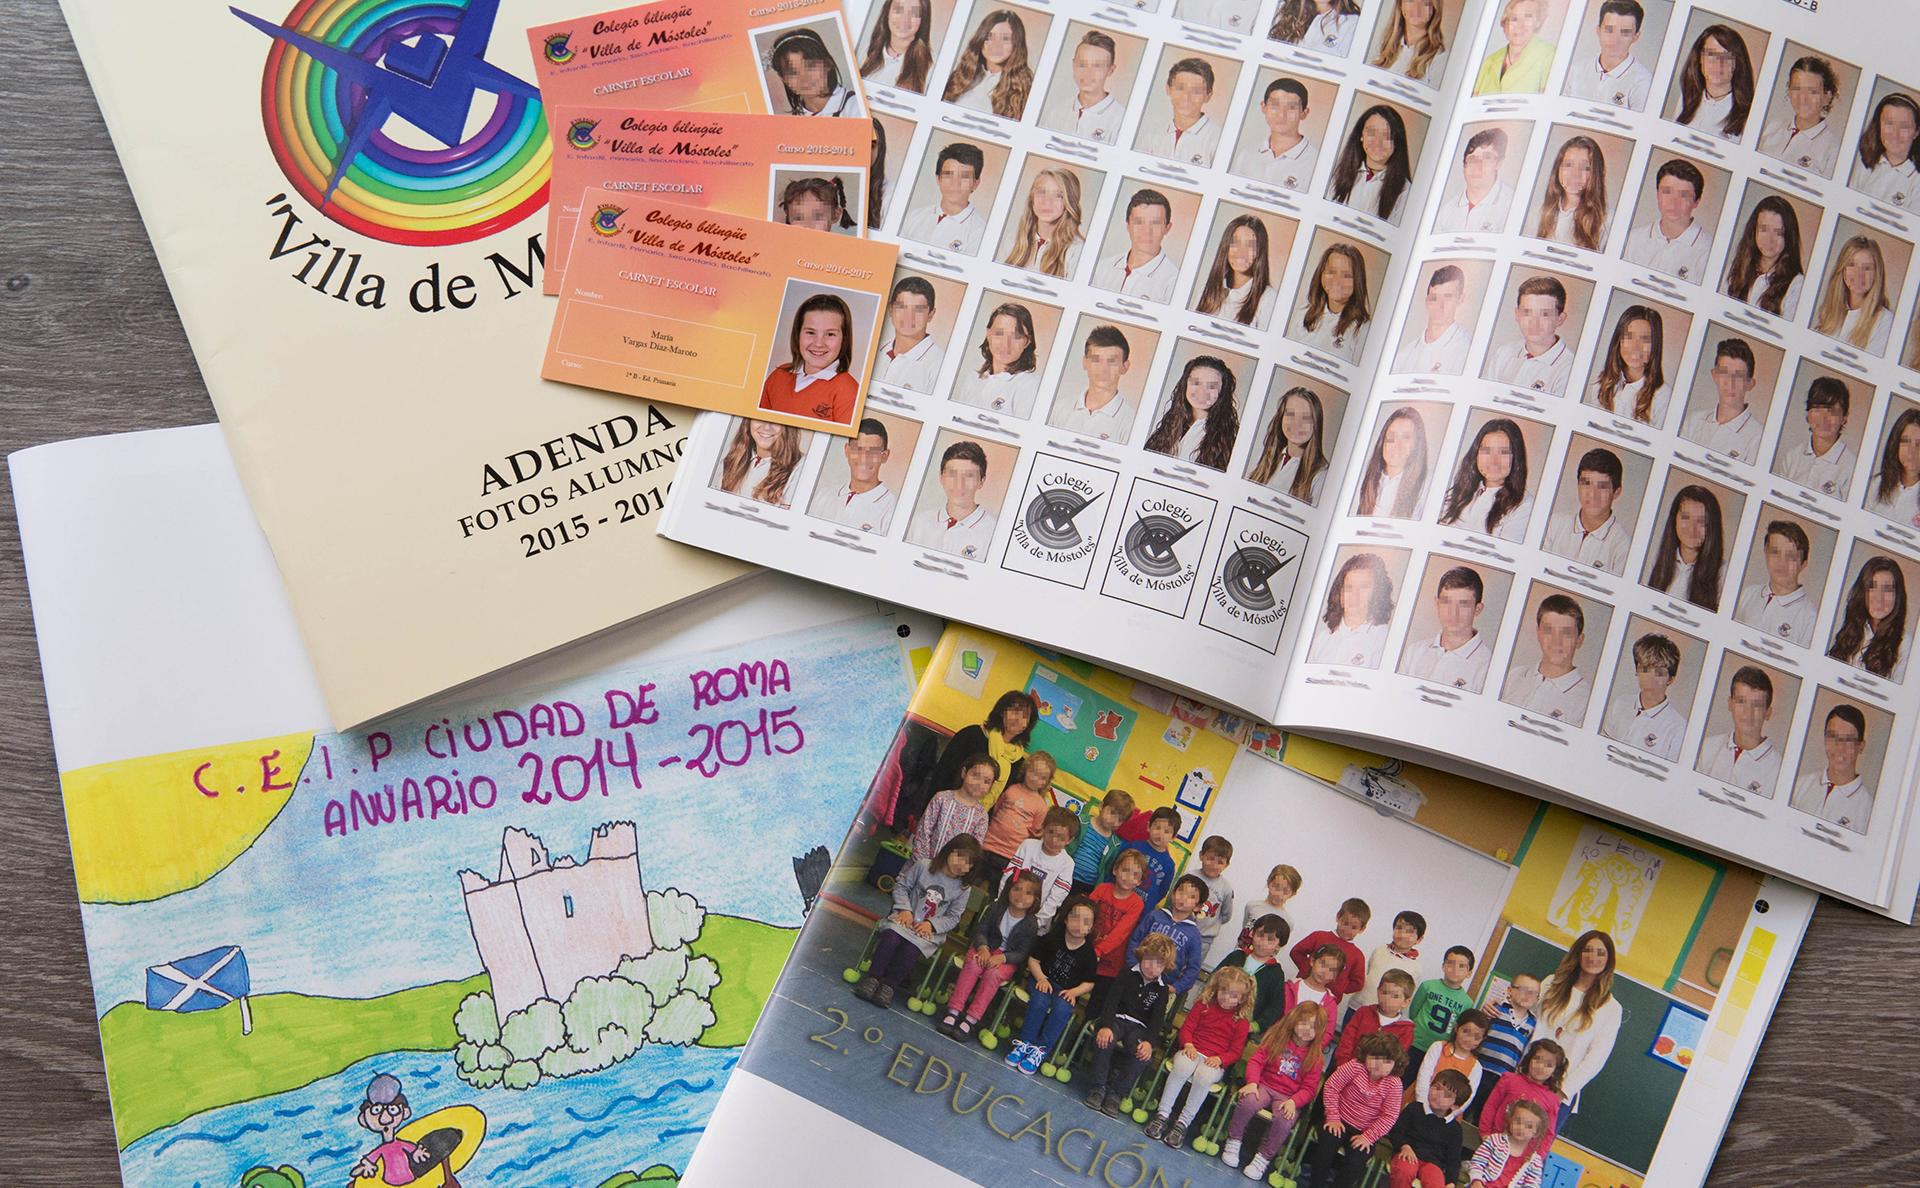 Alma Digital carnets anuarios y adendas